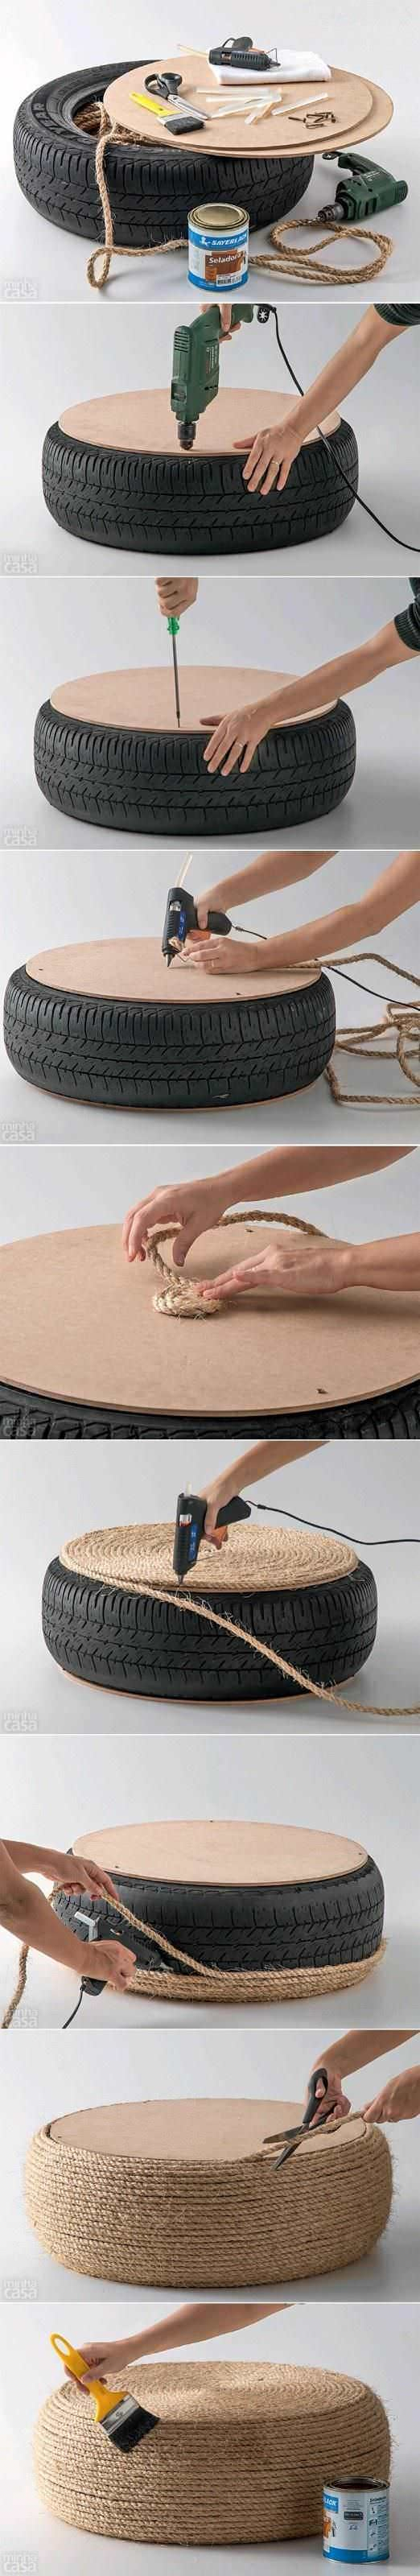 mesinha de pneu